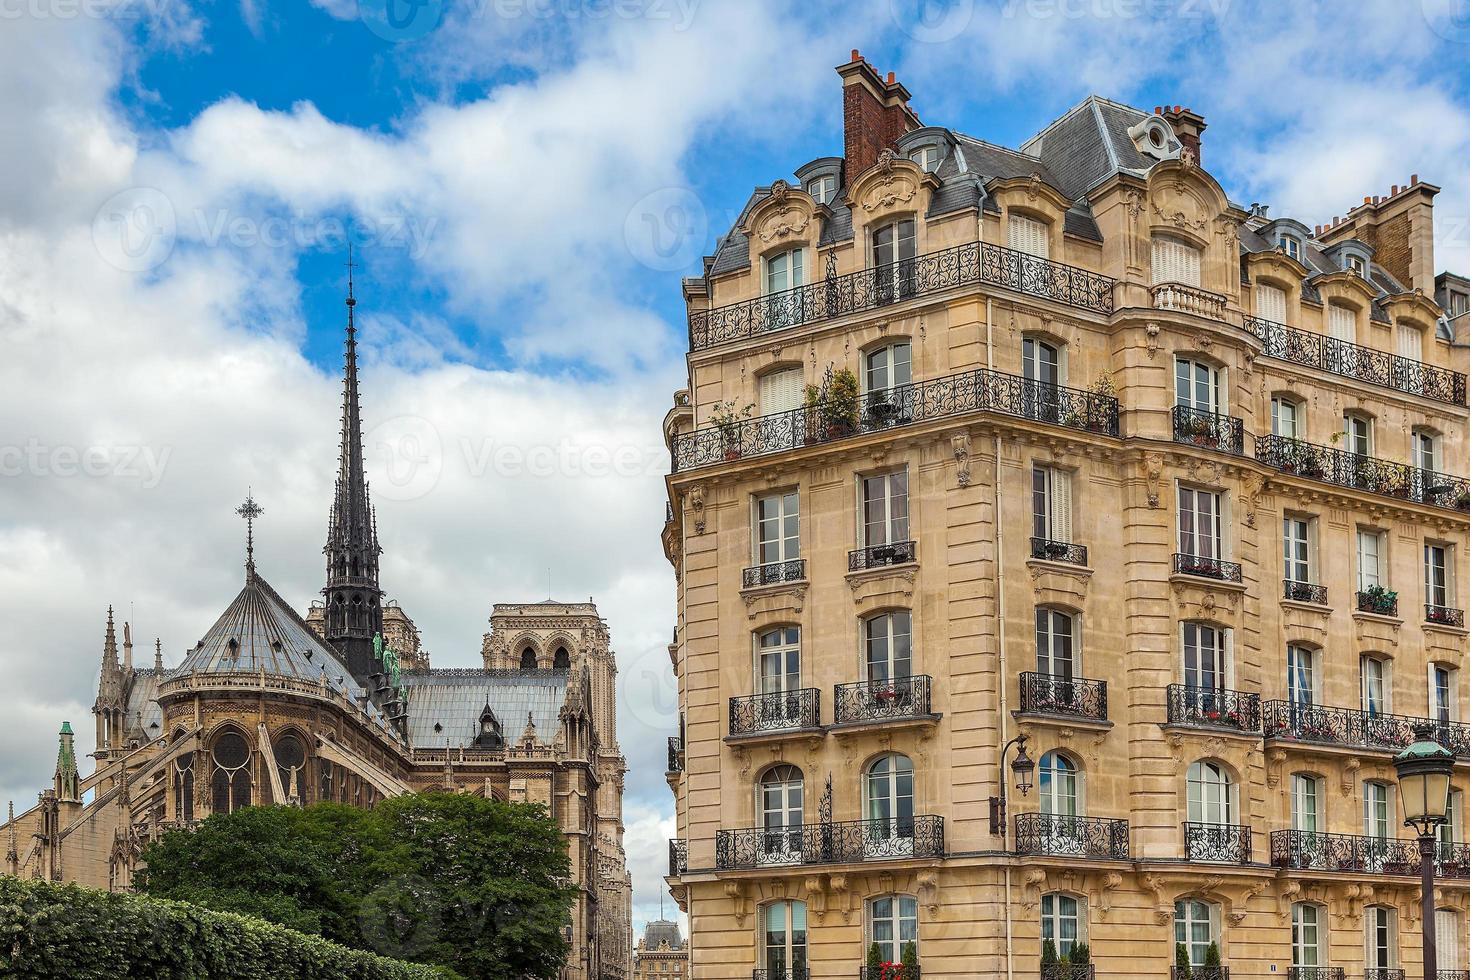 Parisian building and Notre Dame de Paris Cathedral. photo